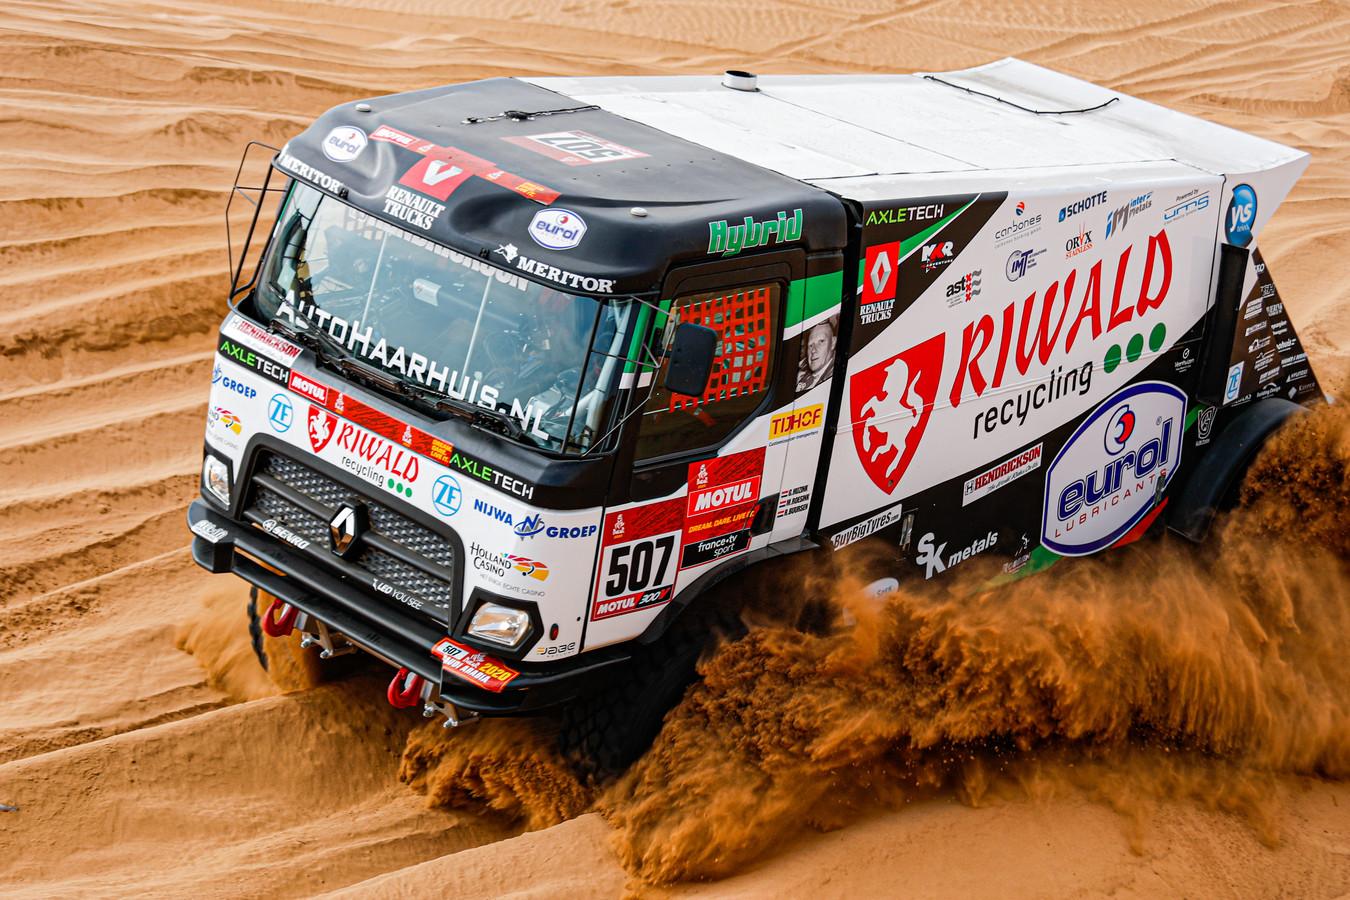 Gert Huzink finishte met zijn hybride Renault in de negende etappe van de Dakar Rally als vijfde.